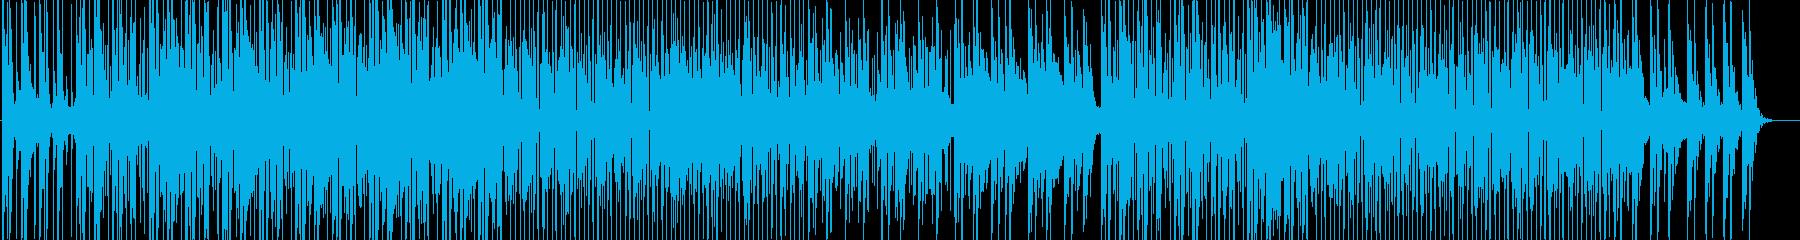 キュートなChillhop-動画・店舗等の再生済みの波形